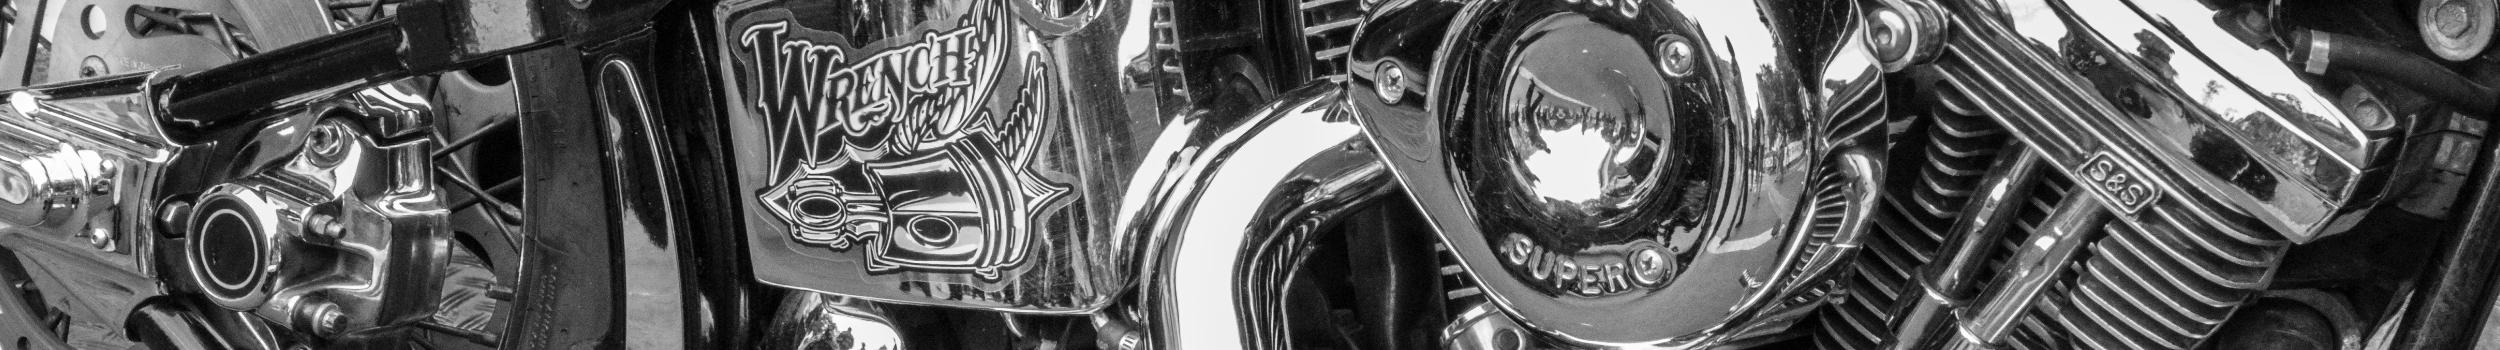 ☛ MOTORRAD